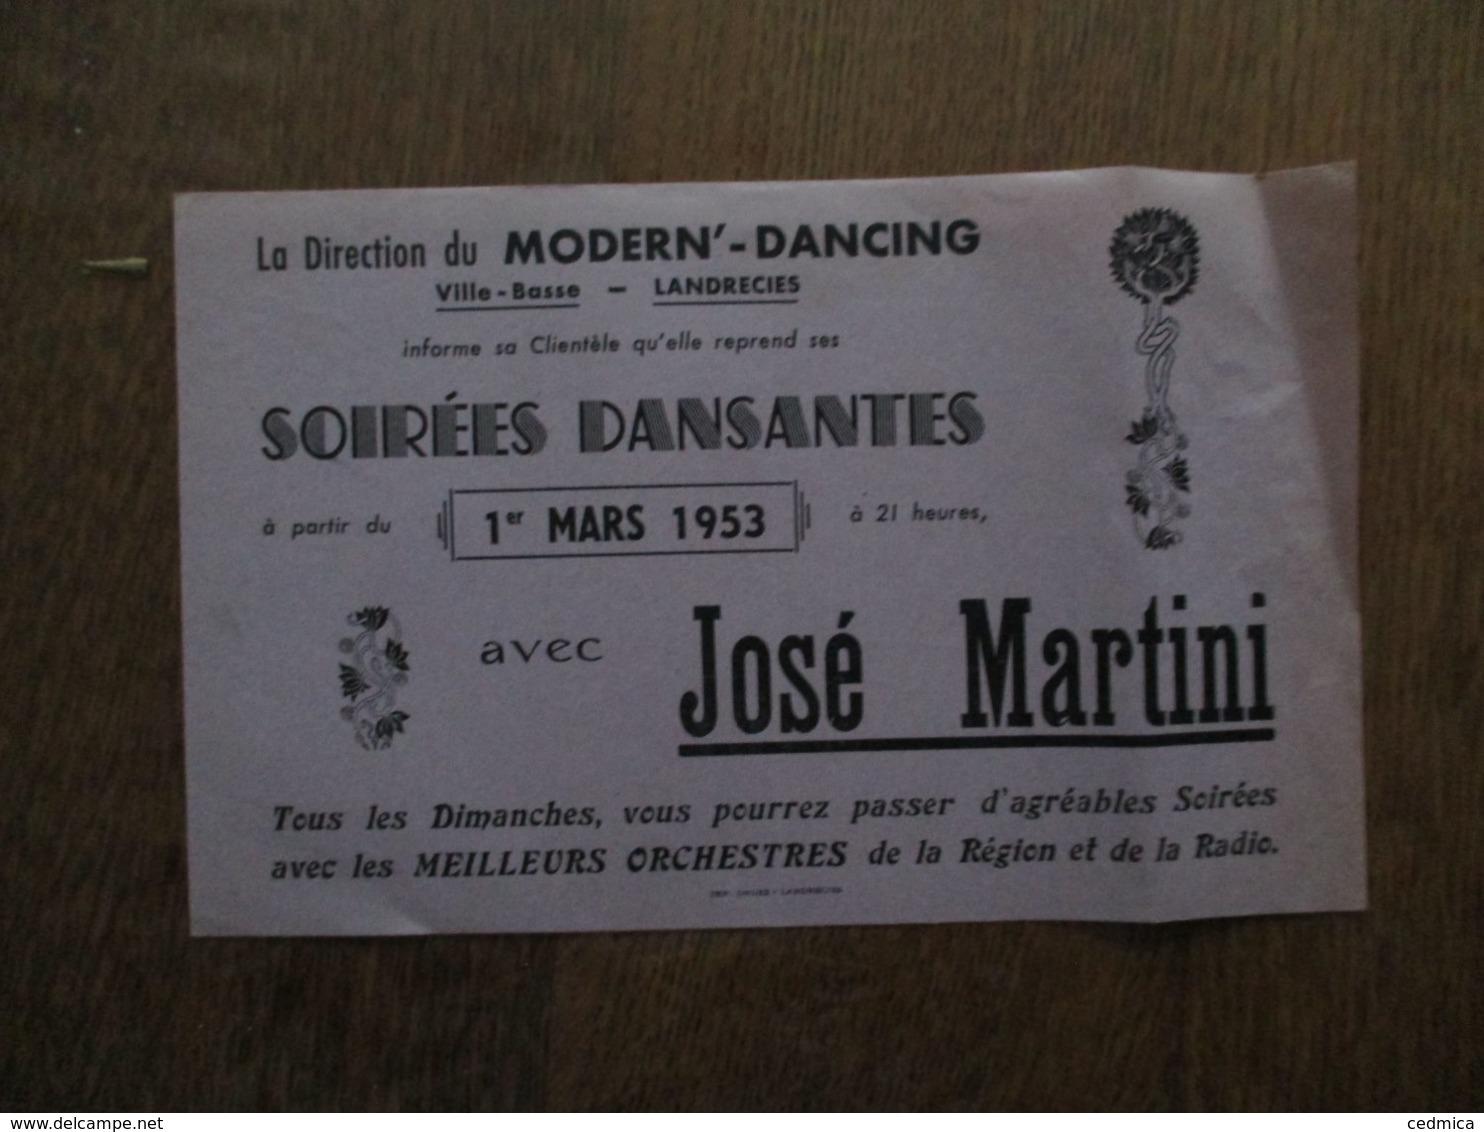 LANDRECIES LA DIRECTION DU MODERN'DANCING VILLE-BASSE INFORME SA CLIENTELE DE SES SOIREES DANSANTES A/C 1er MARS 1953 AV - Programme